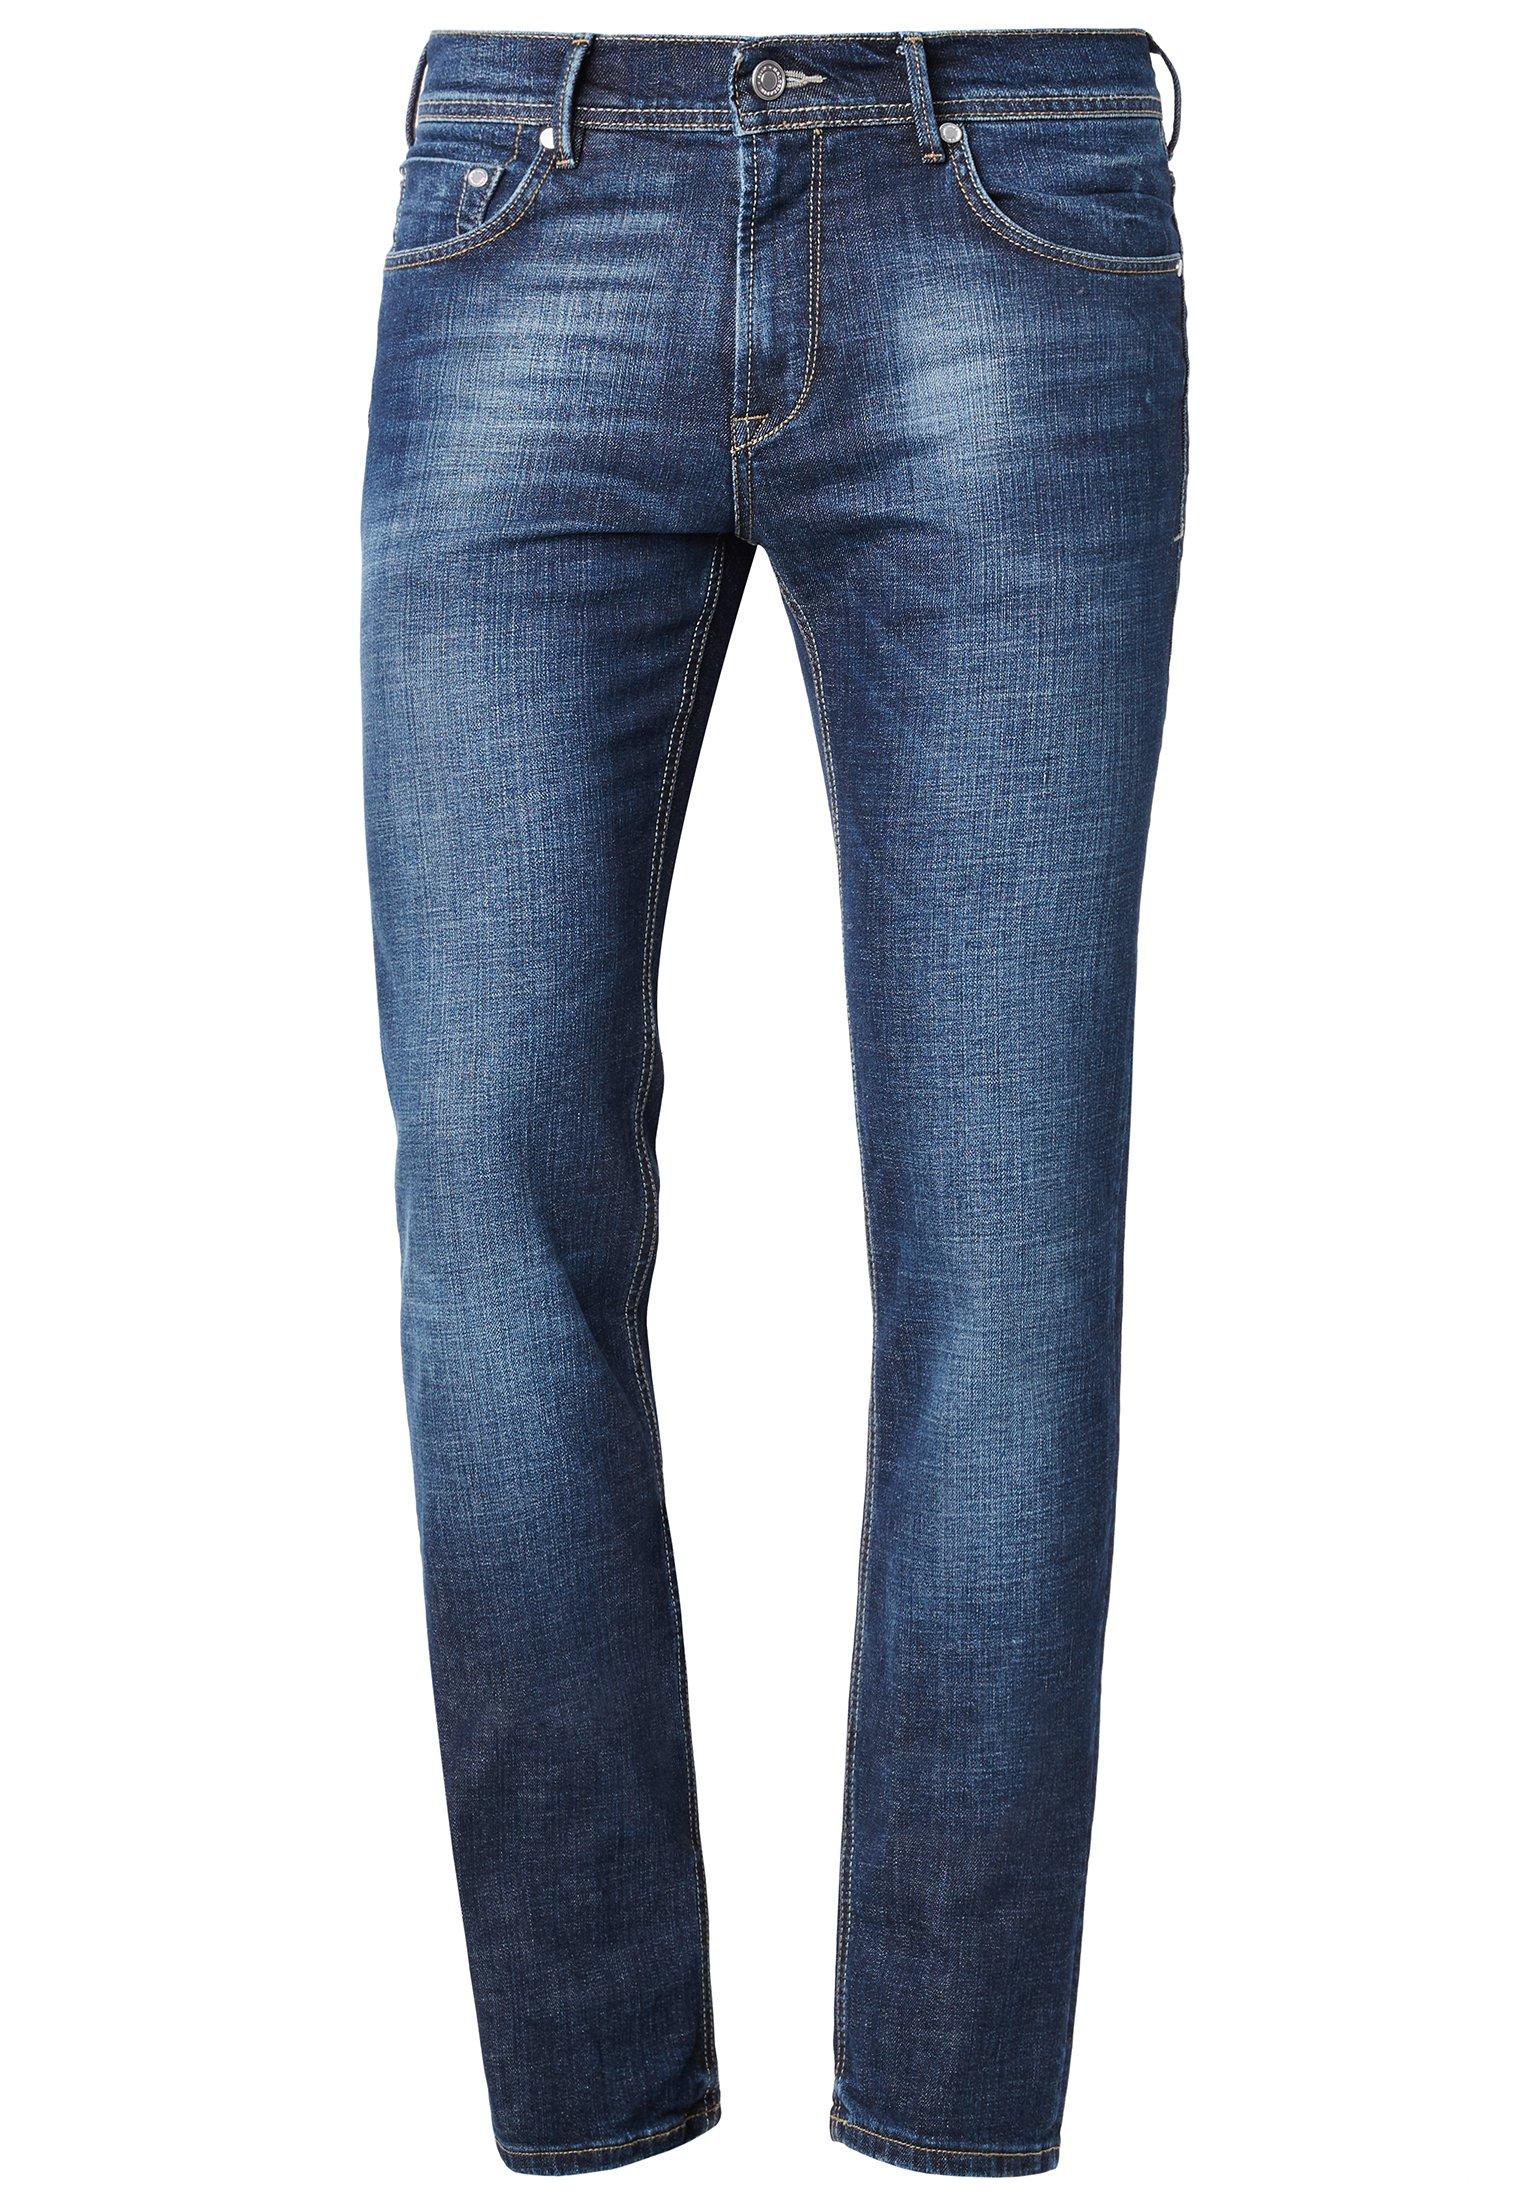 Baldessarini Jack Regular Fit - Straight Leg -farkut Blau